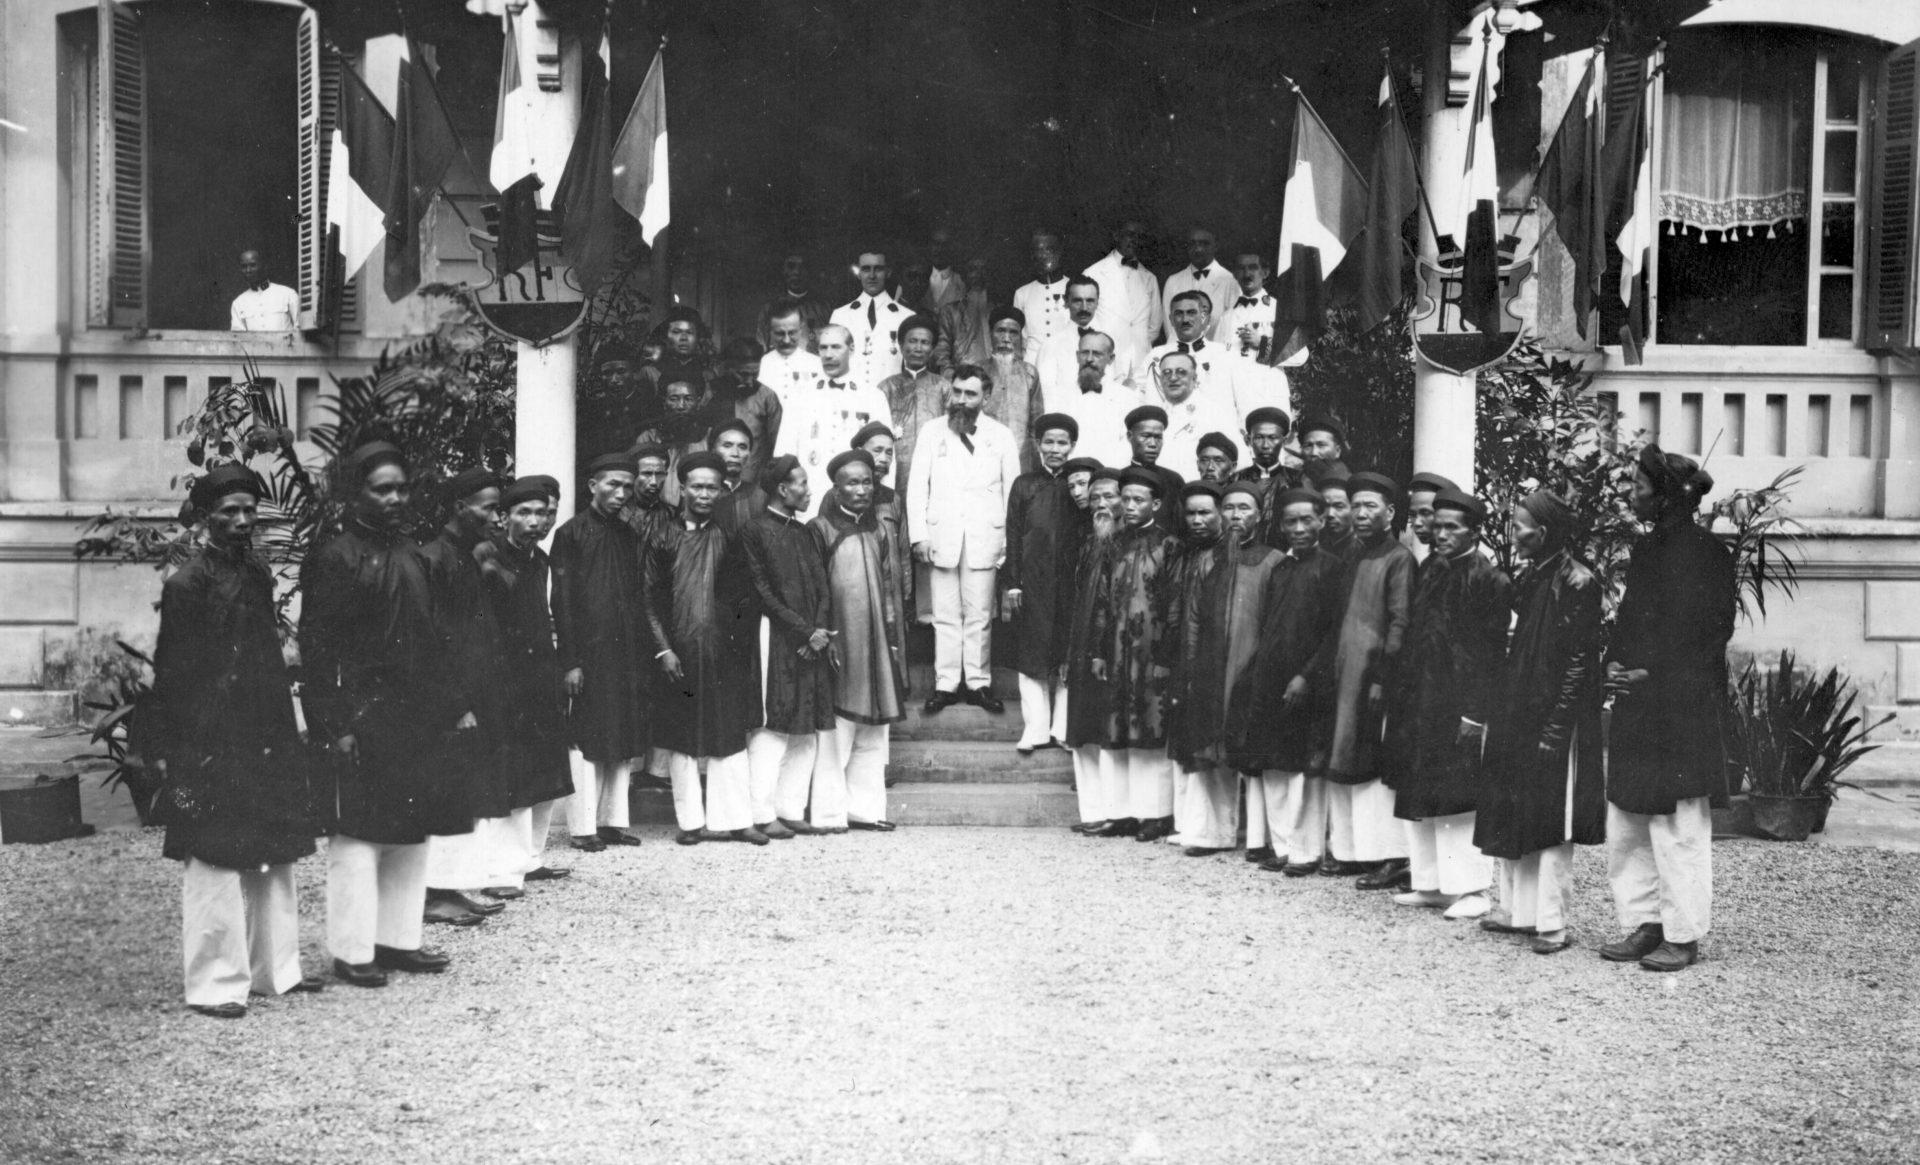 Alexandre Varenne, Gouverneur Général et les membres de la chambre des représentants du peuple - Hué, 23 Juillet 1927